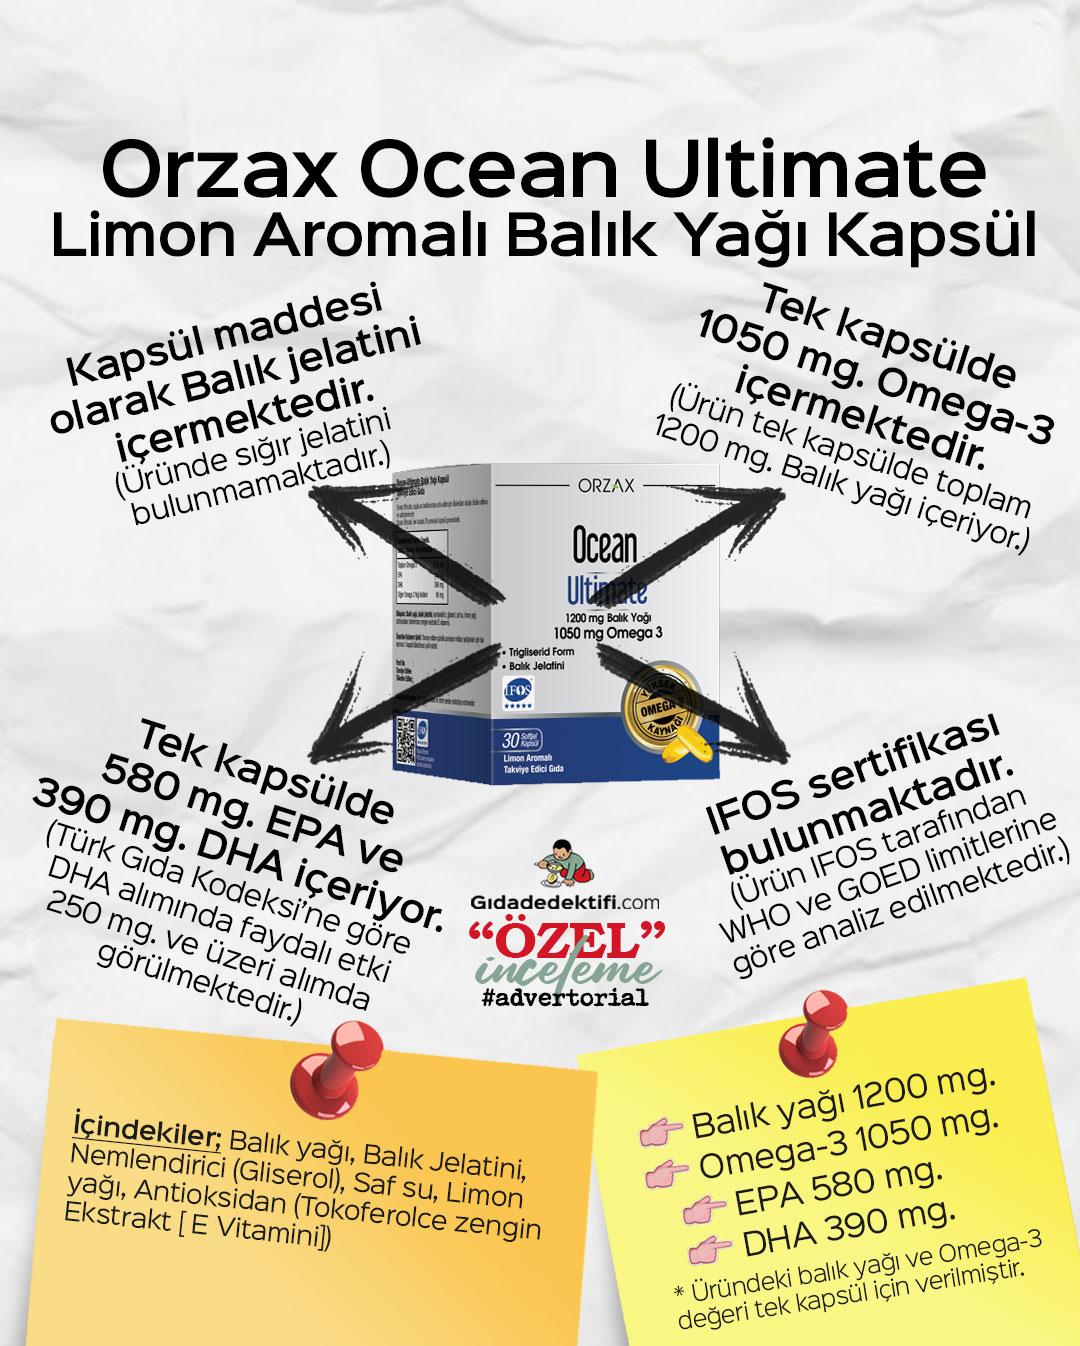 Ocean Ultimate Balık Yağı Kapsül - Gıda Dedektifi